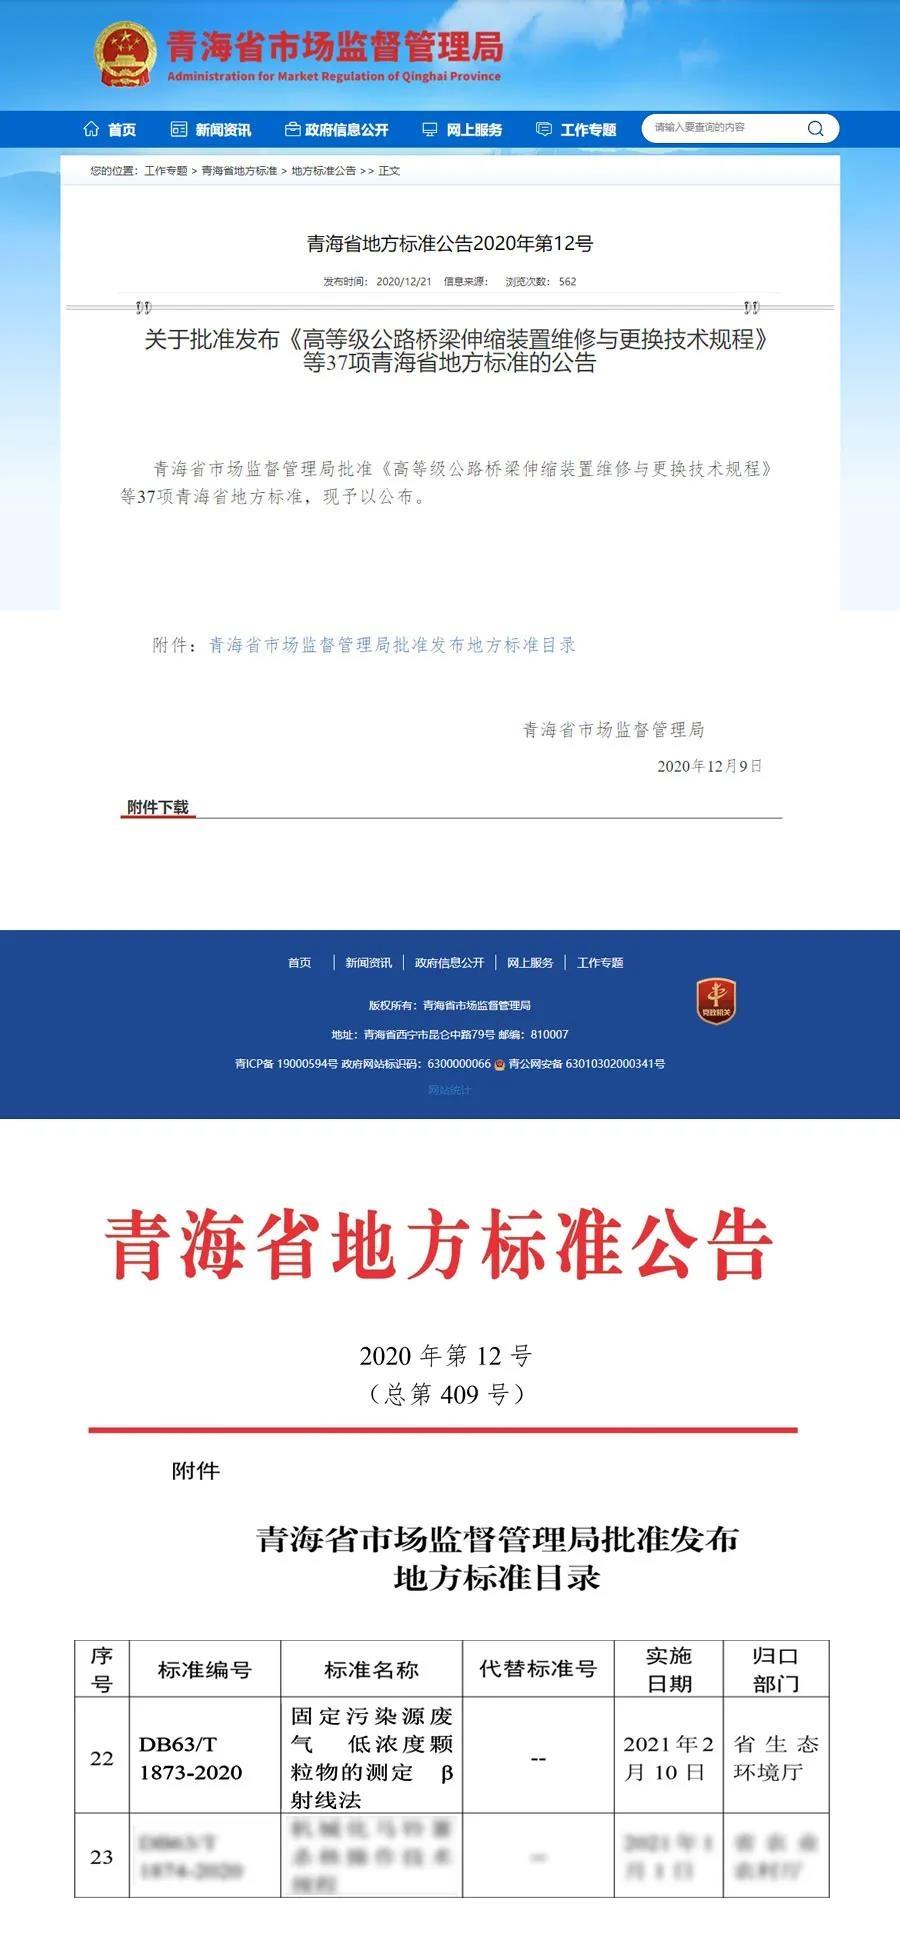 """明華參與起草的地標""""DB63/T 1873-2020""""正式發布啦!"""